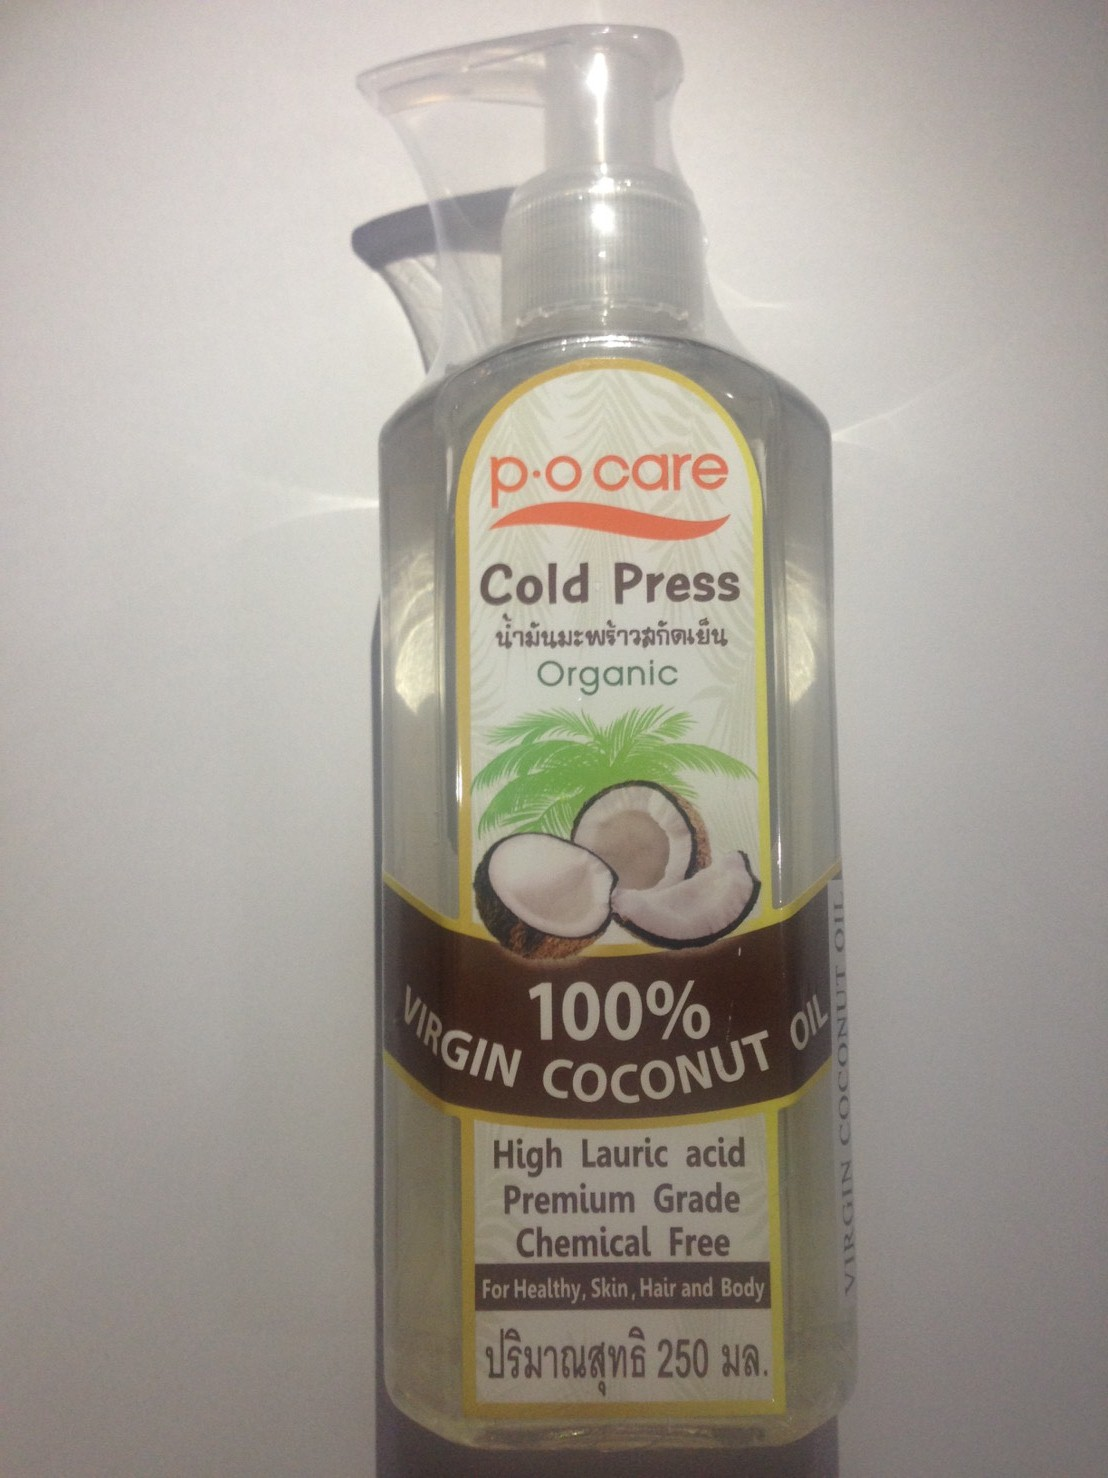 น้ำมันมะพร้าวสกัดเย็น PO care 250 มิล